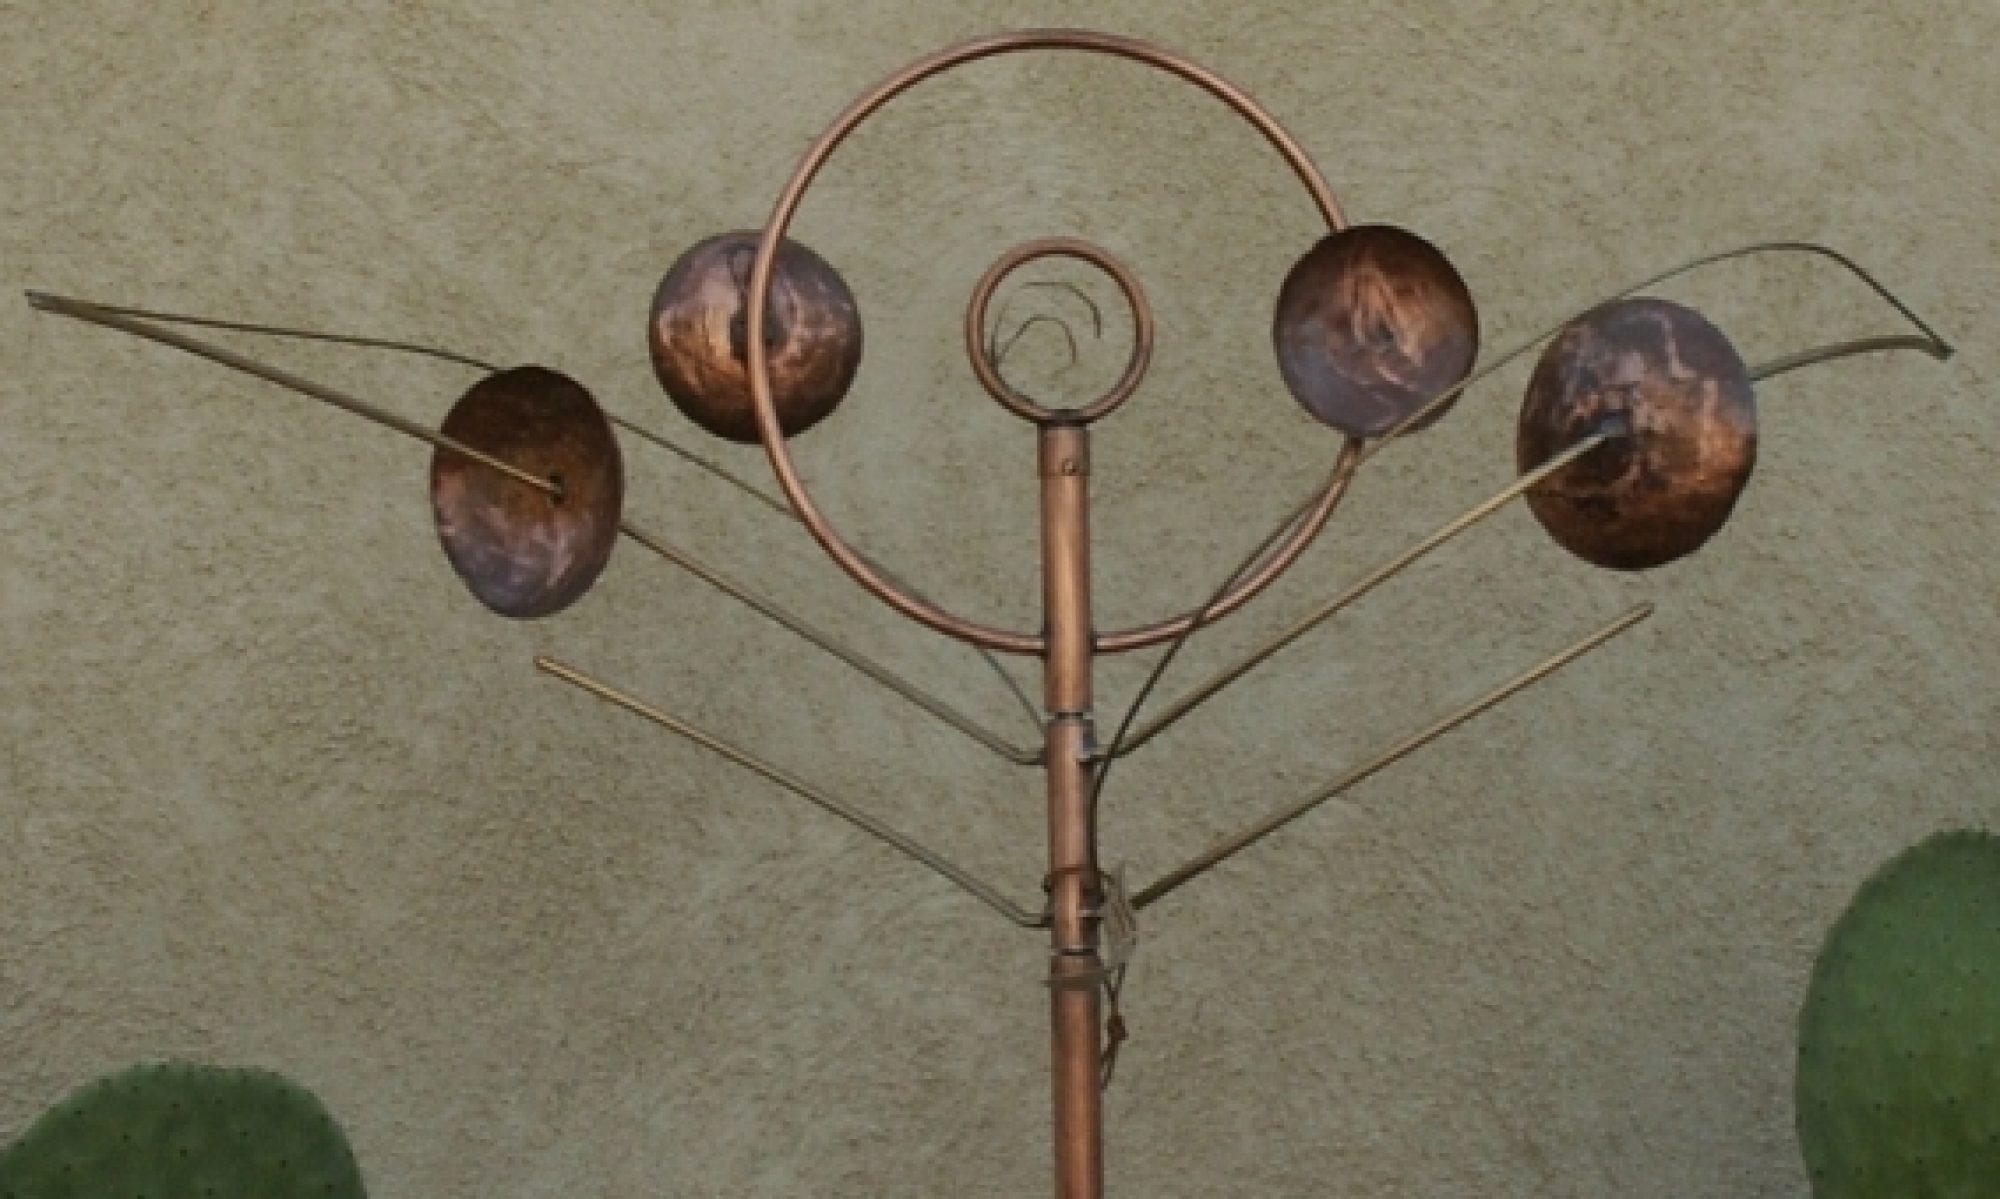 ametalsculptor.com